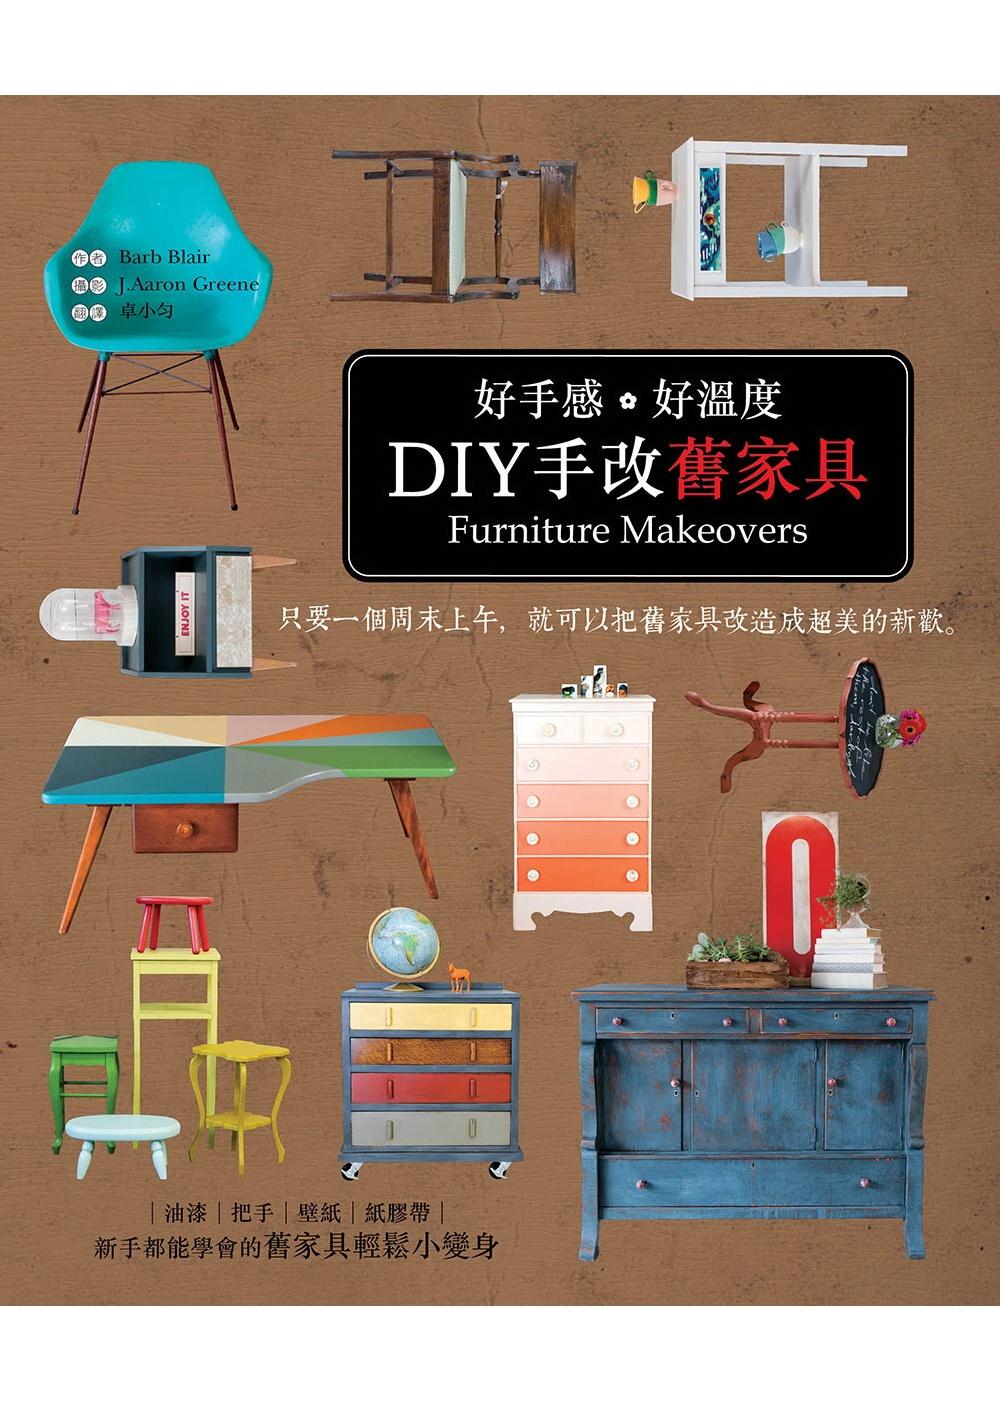 好手感。好溫度 DIY手改舊家具:只要一個周末上午,就可以把舊家具改造成超美的新歡